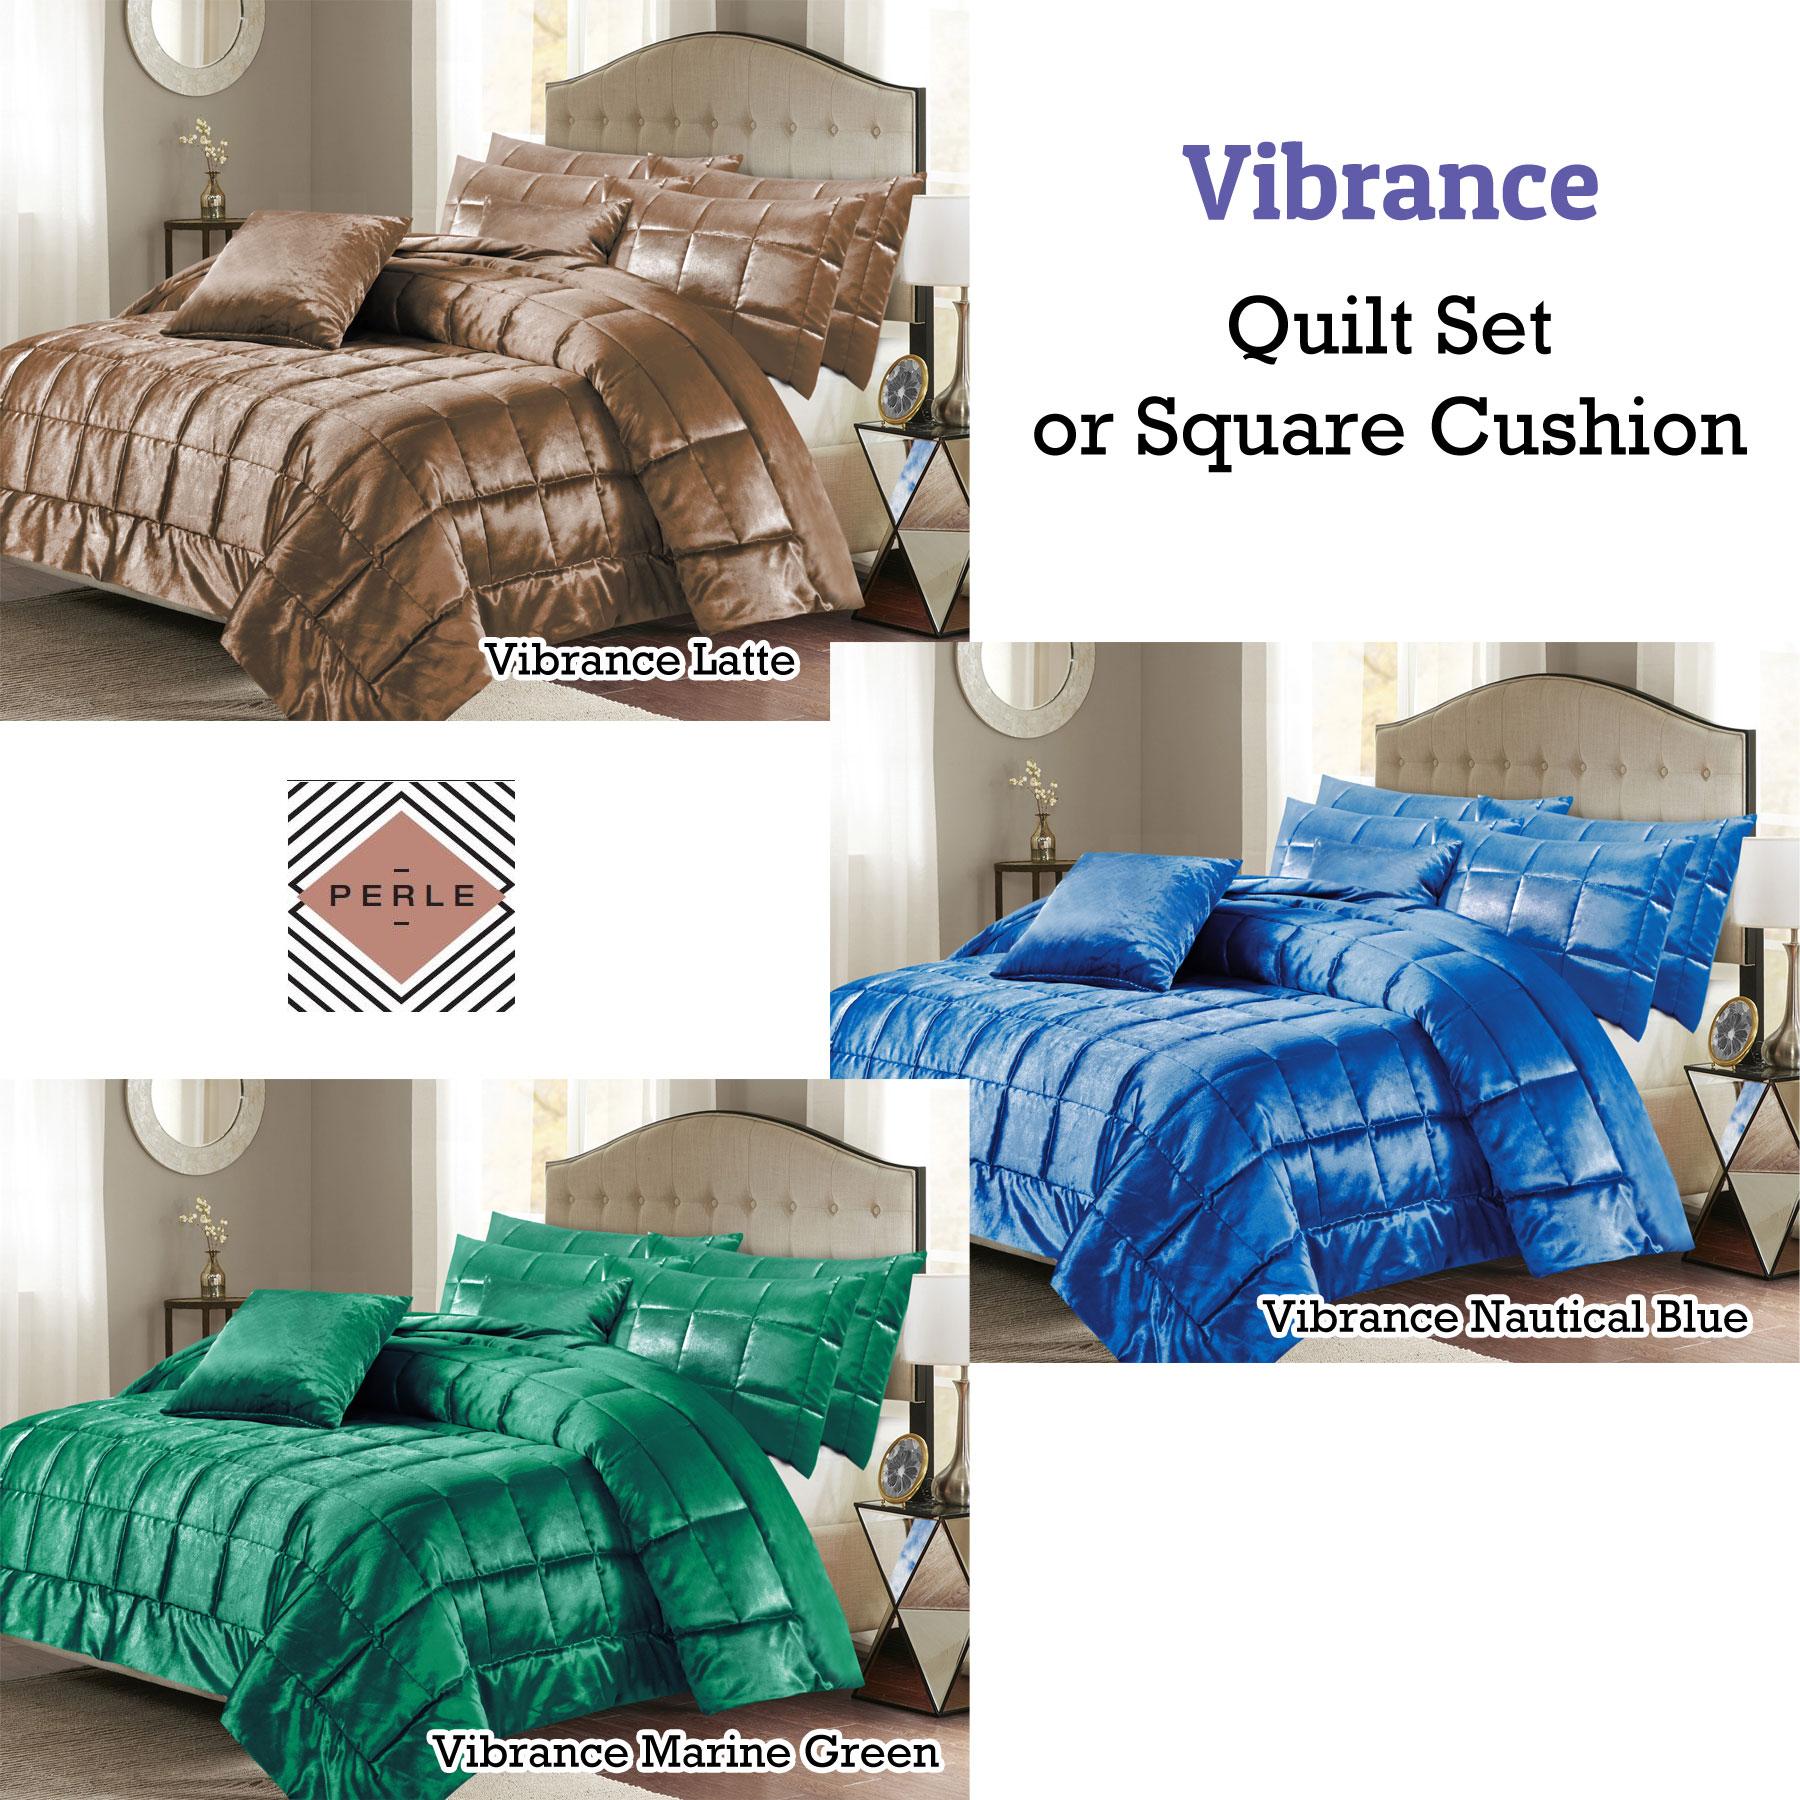 Details about vibrance quilt set or square cushion by perle linge de maison